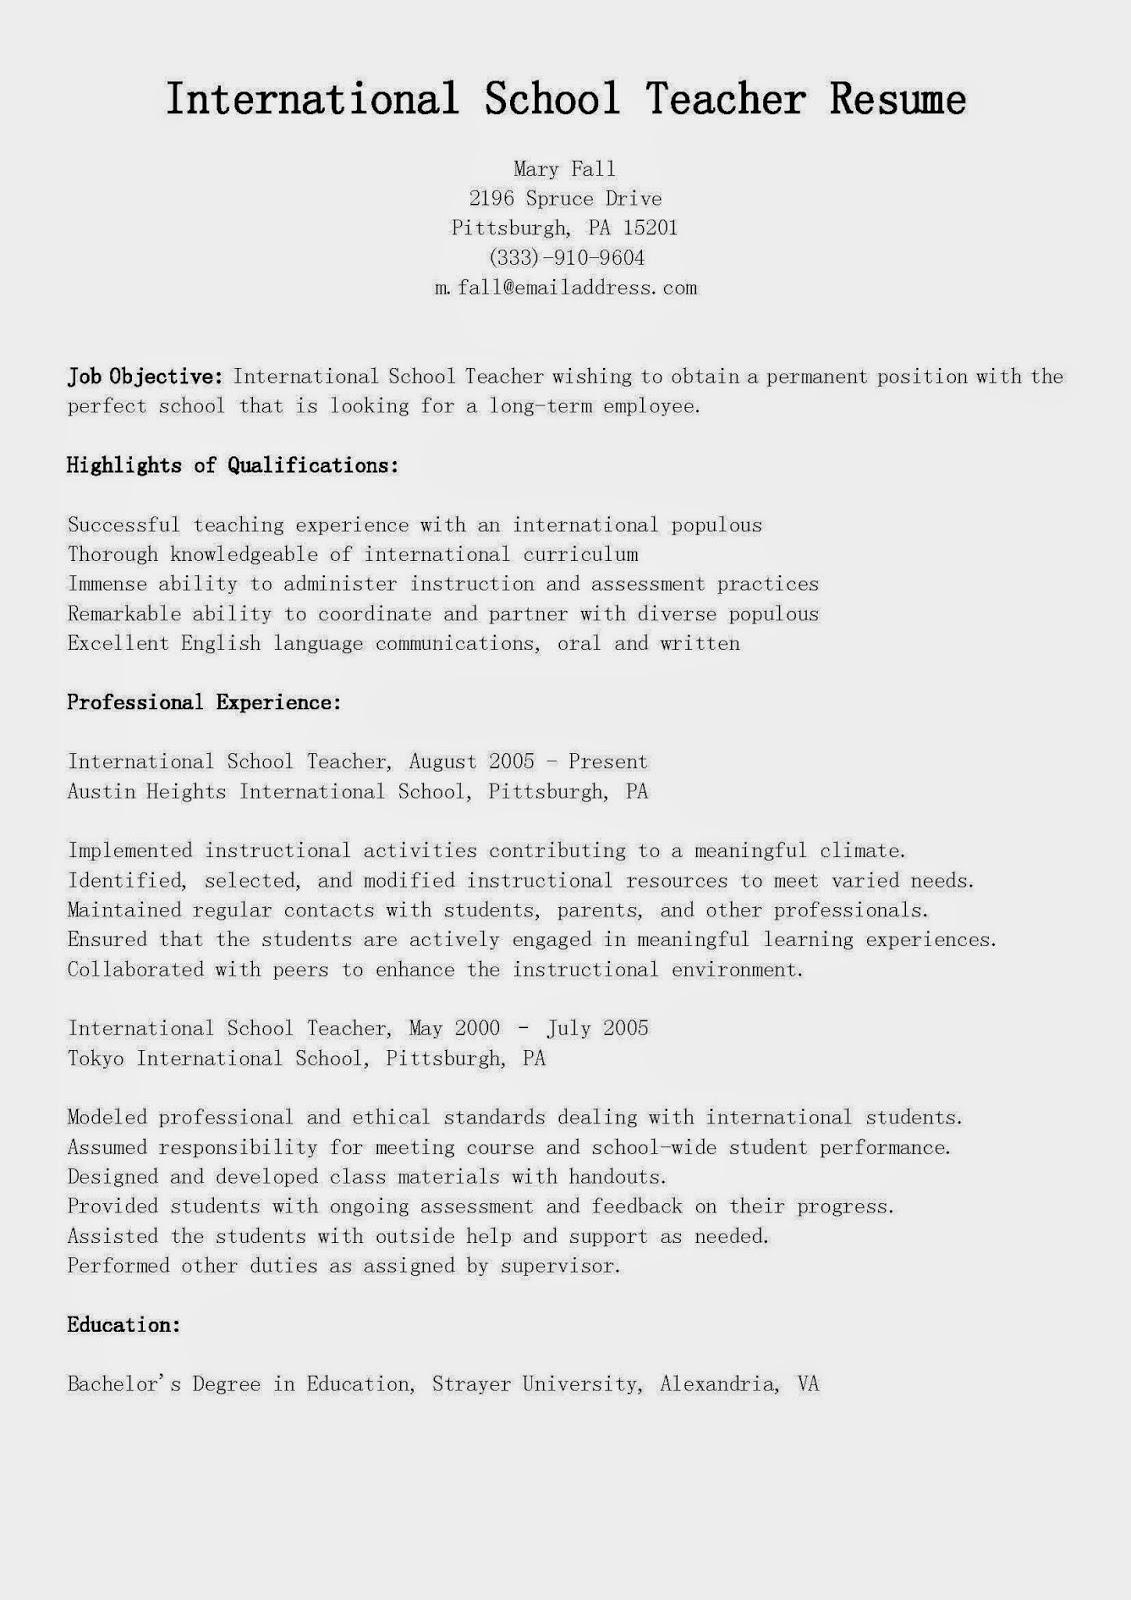 sample resume for international school